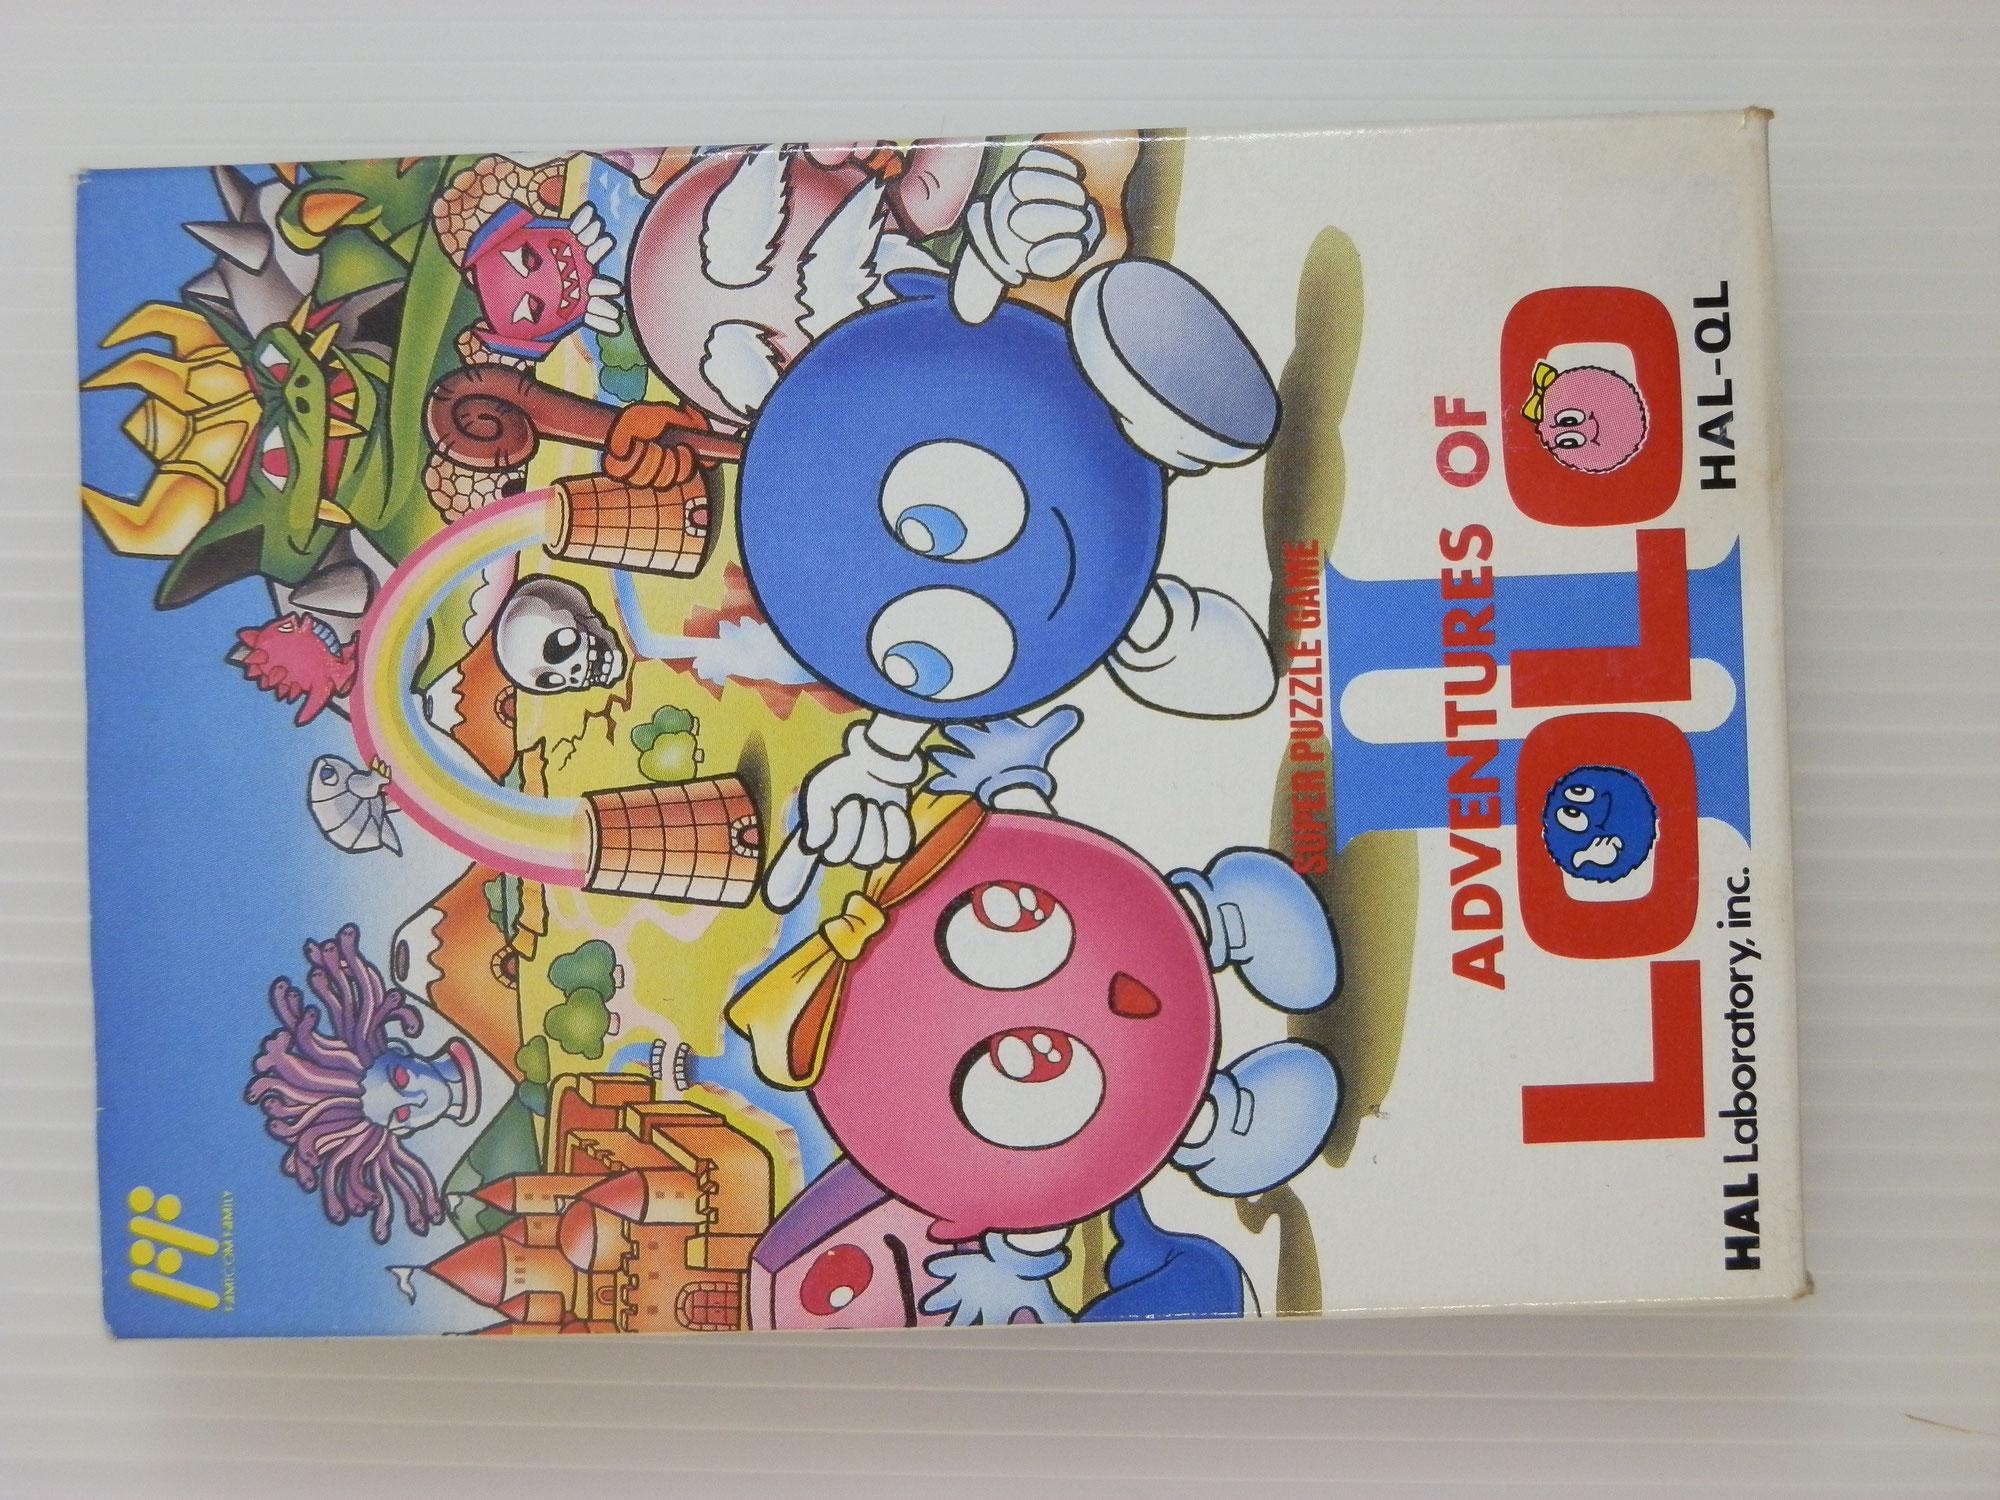 【貴重/箱説ハガキ付き買取】ADVENTURES OF LOLO Ⅱ ファミコン ソフト買取|東京都町田市